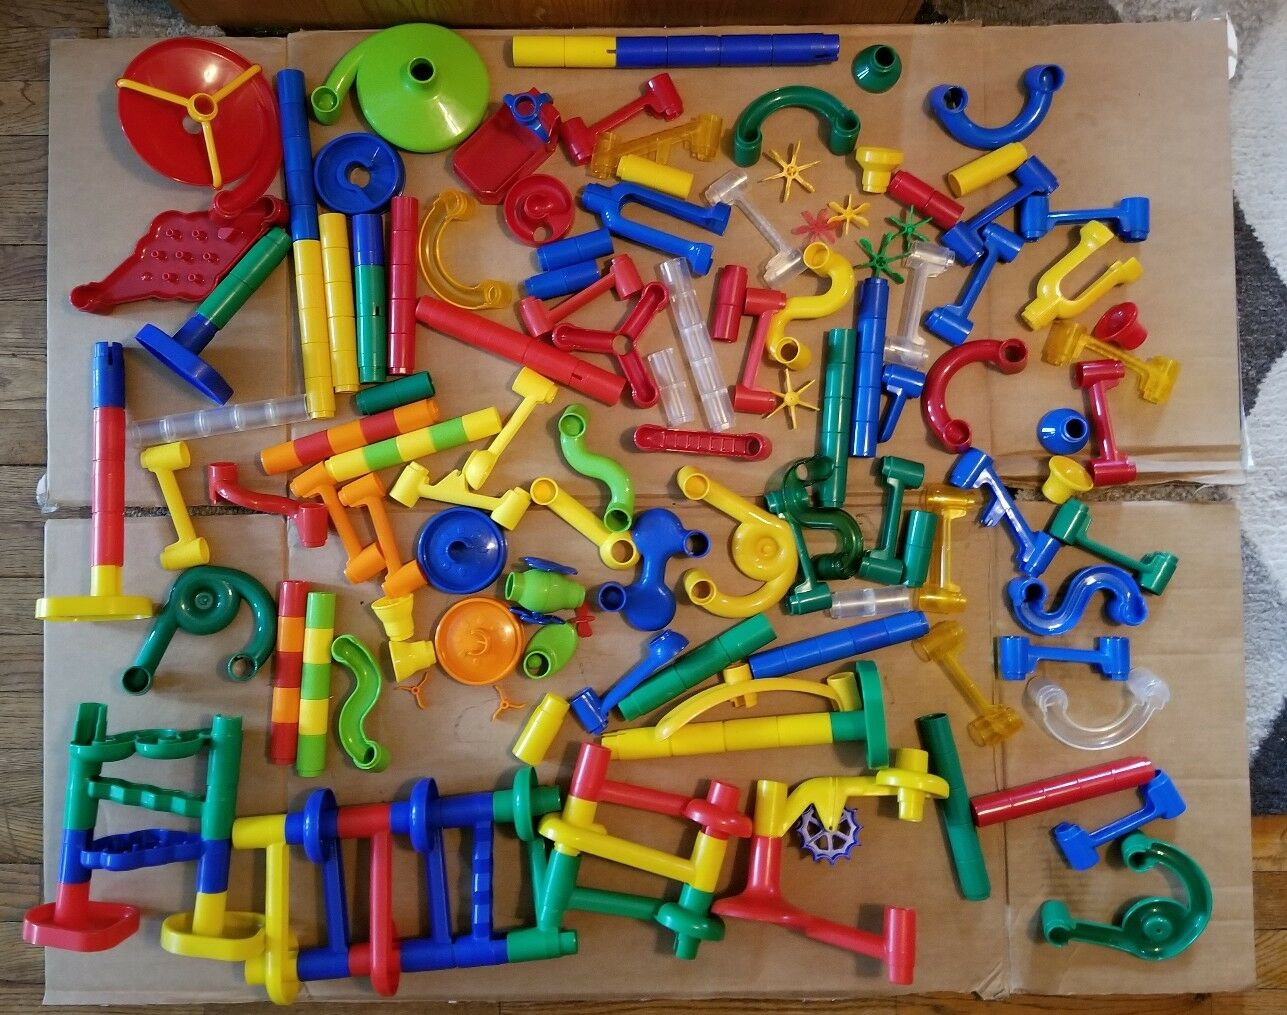 Canica carreras ejecutar laberinto laberinto laberinto obras de construcción de juguetes de construcción cascadas puentes Gran Lote  precios al por mayor